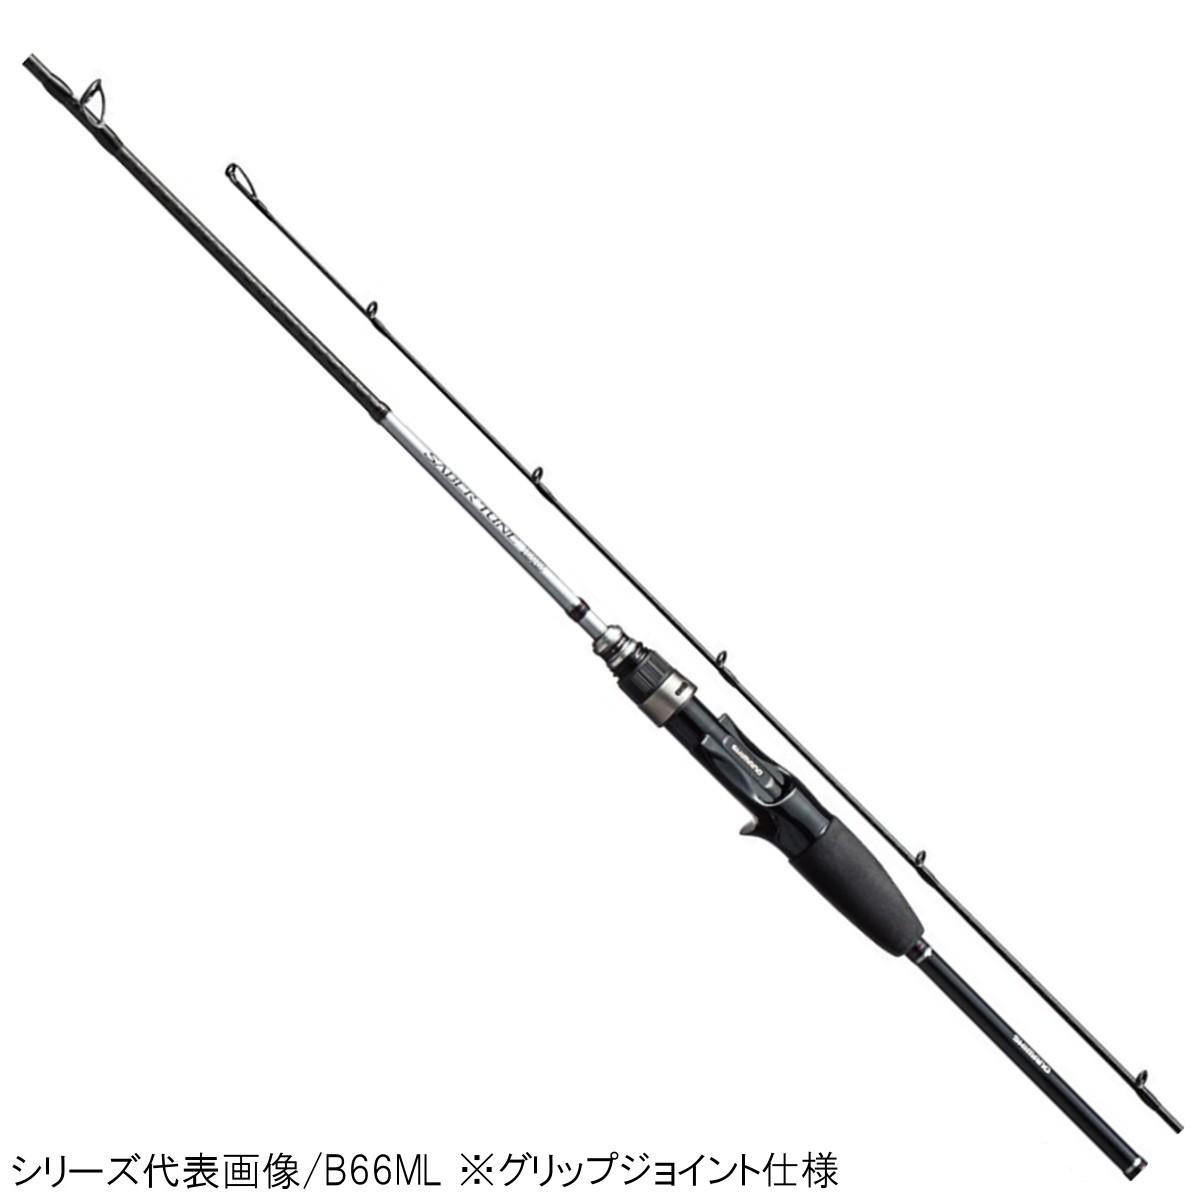 シマノ サーベルチューン BB B66M【大型商品】